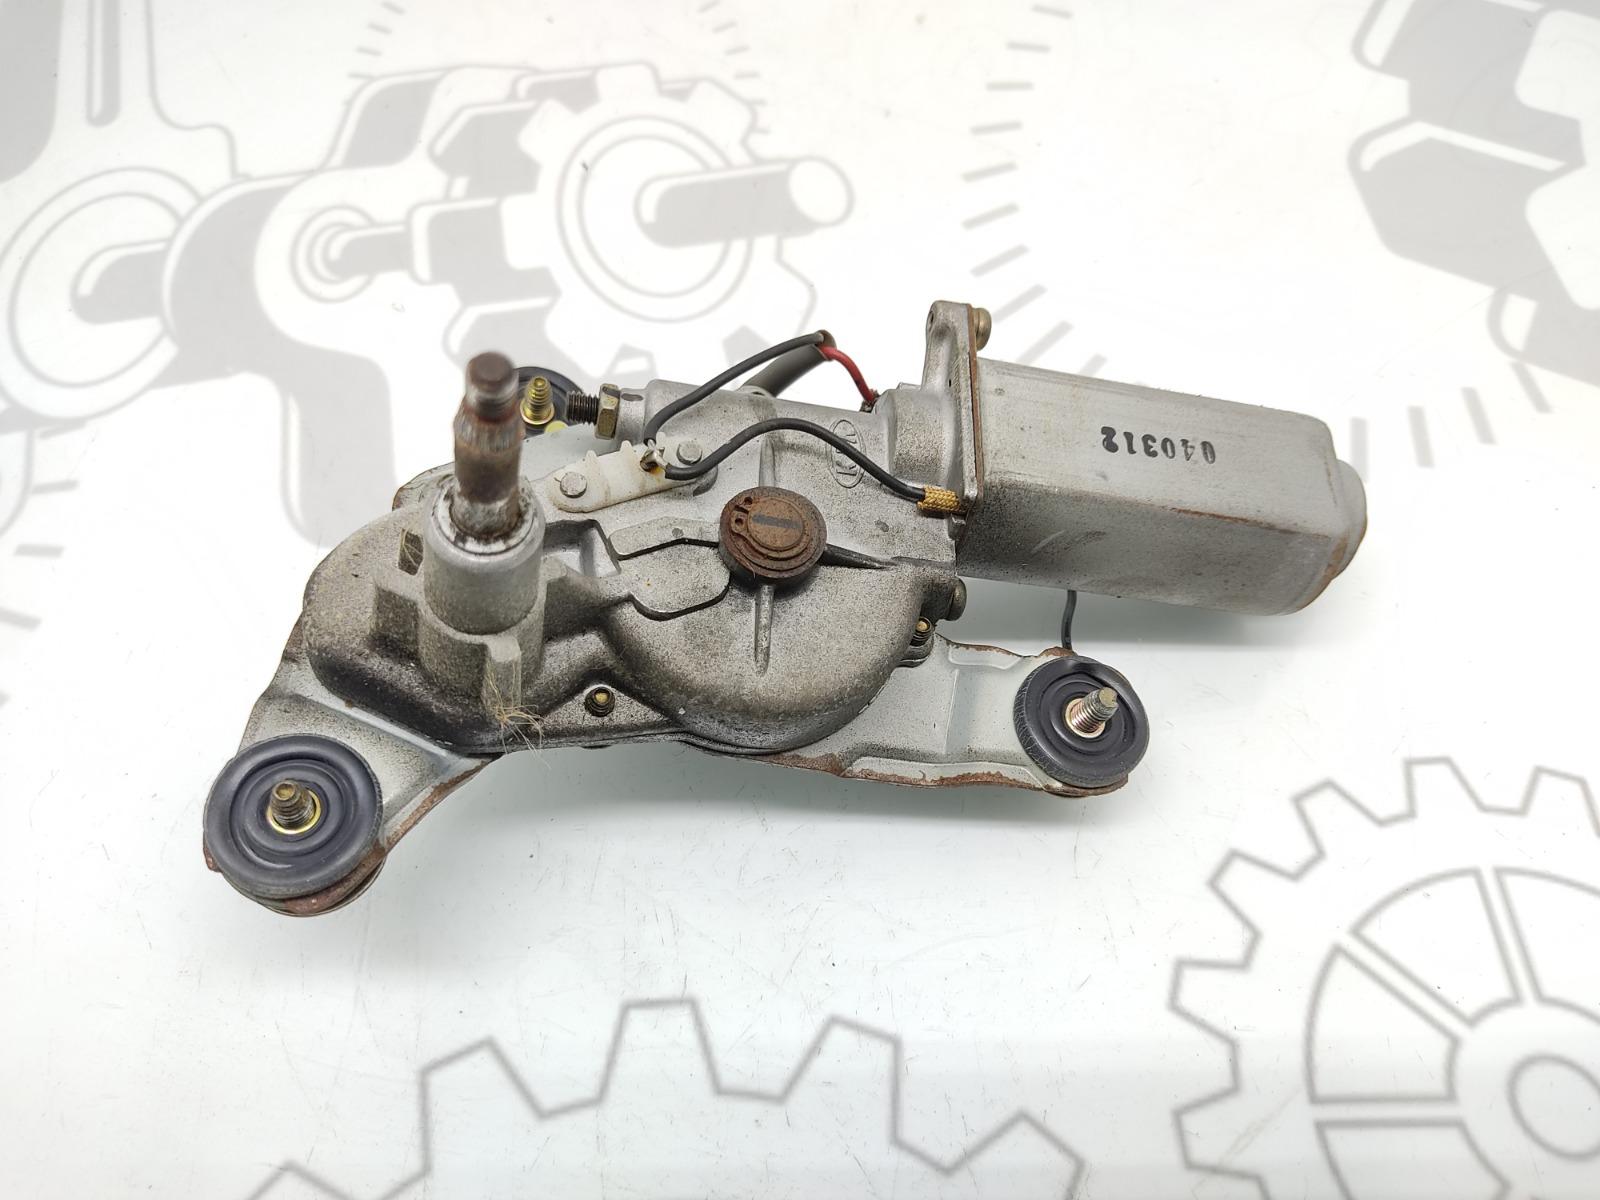 Моторчик заднего стеклоочистителя (дворника) Kia Carens 1.8 I 2004 (б/у)